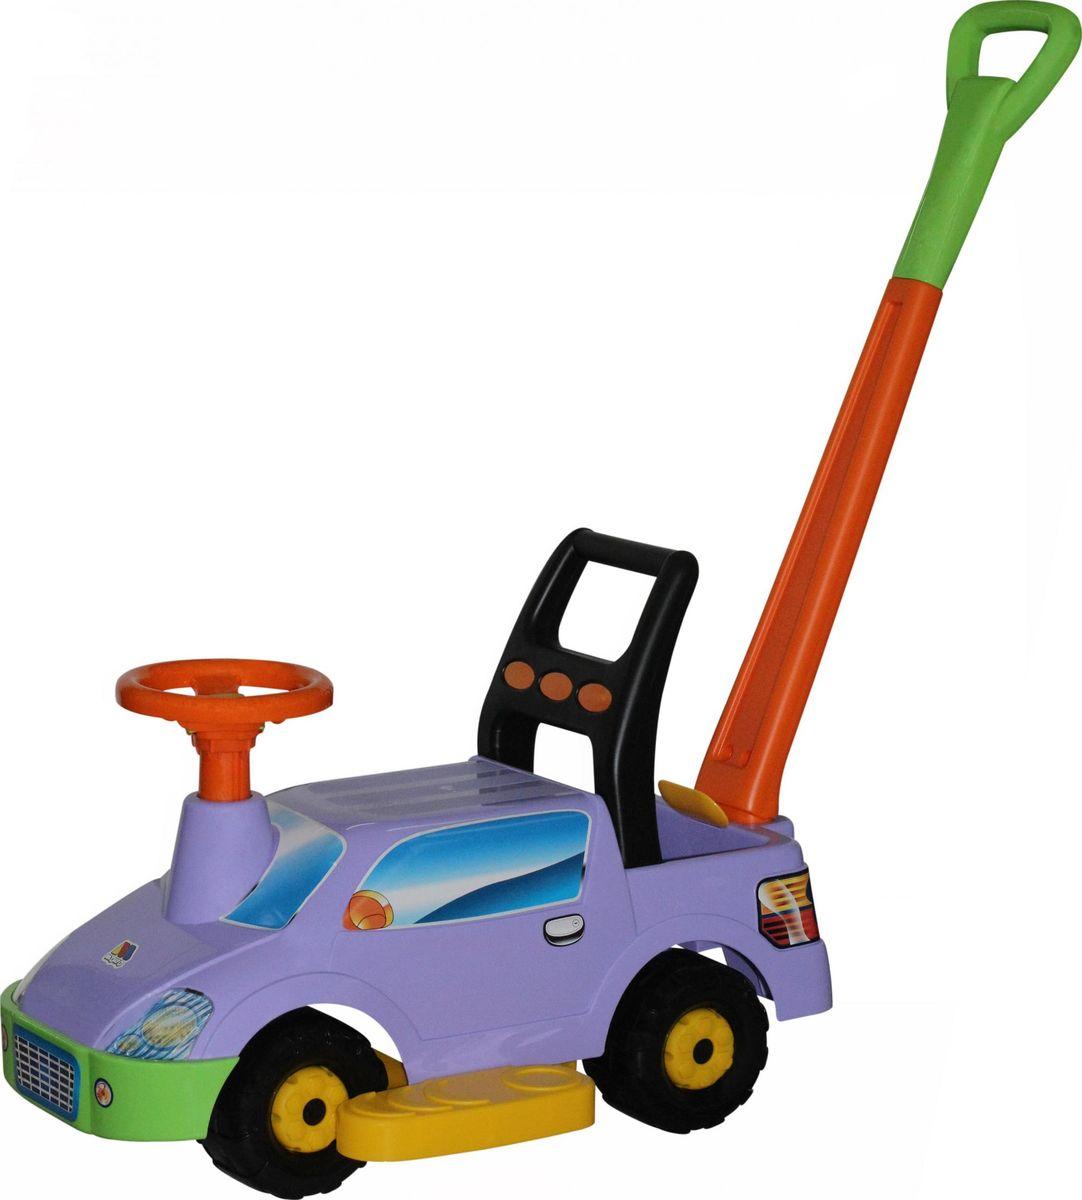 Полесье Каталка Пикап с ручкой №2 цвет сиреневый автомобиль автомобиль иж 2717 в воронеже